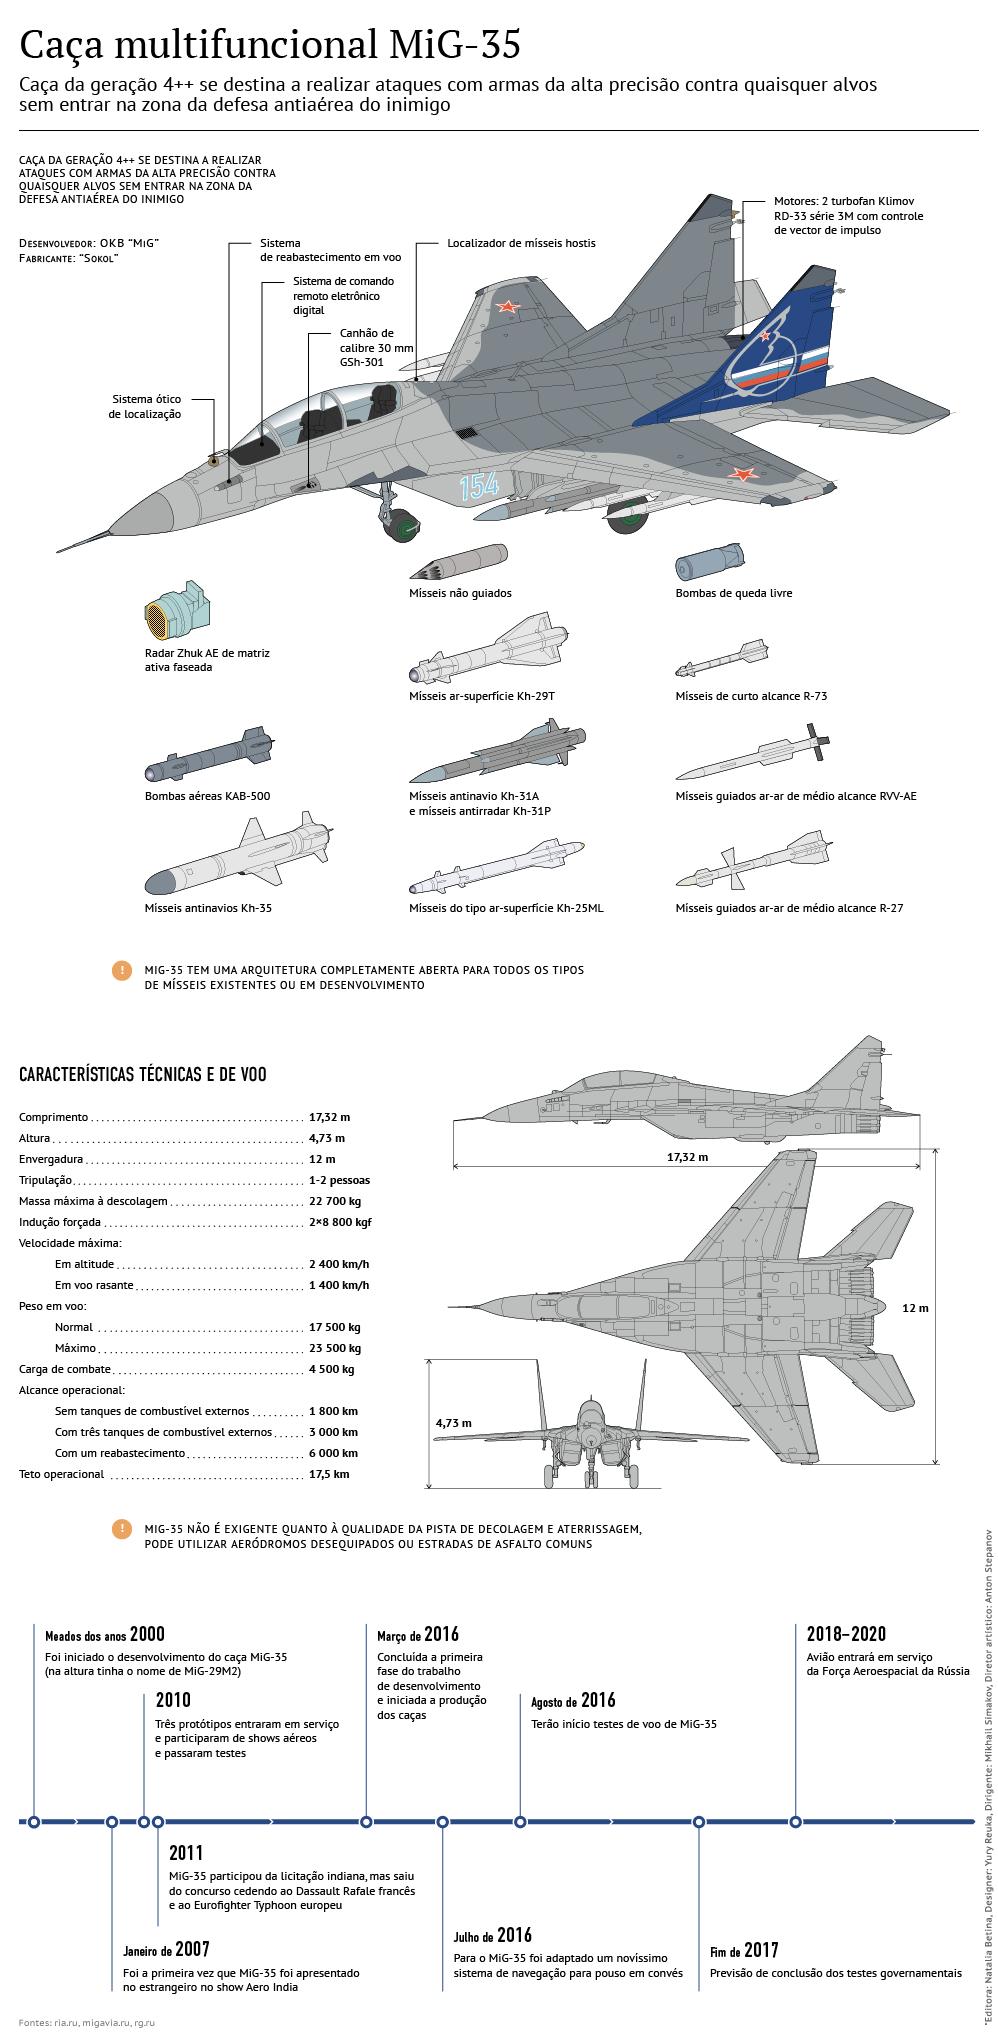 Caça russo Mikoyan MiG-35 da geração 4++